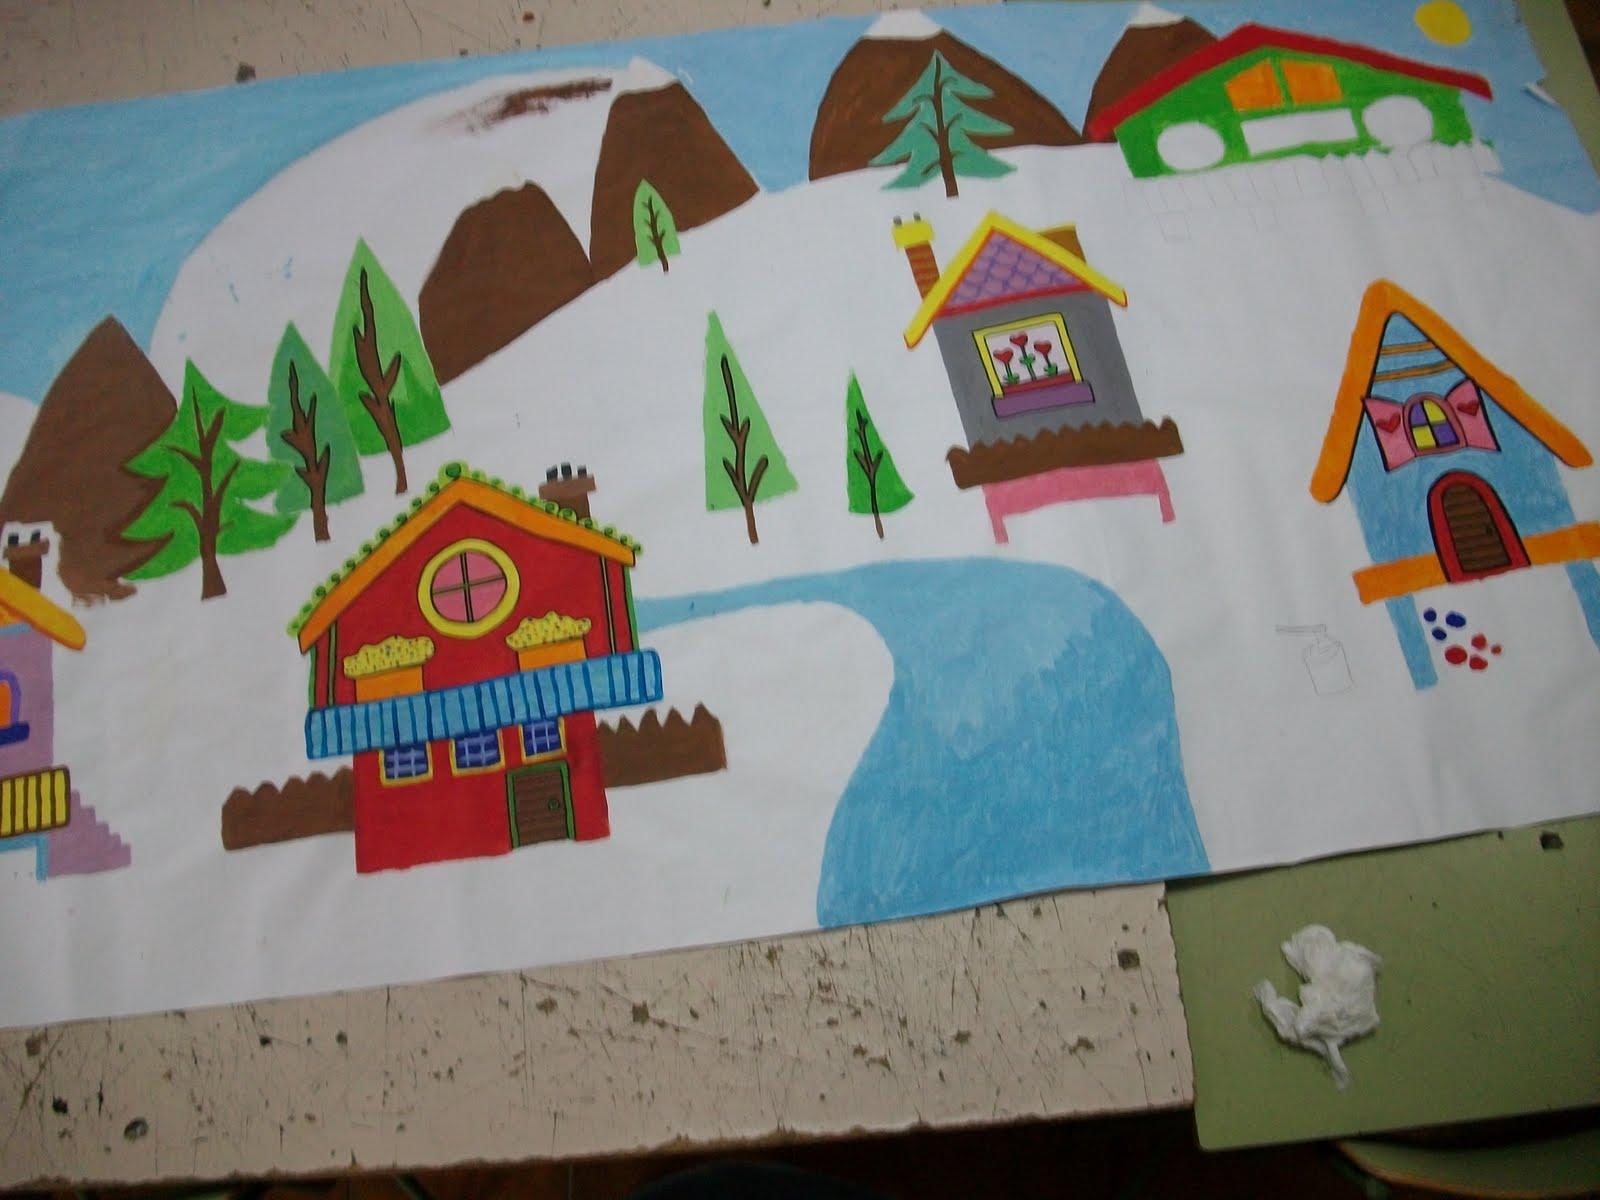 Epv 3 y 4 eso comunidad infantil villaverde pasito a for Mural navideno